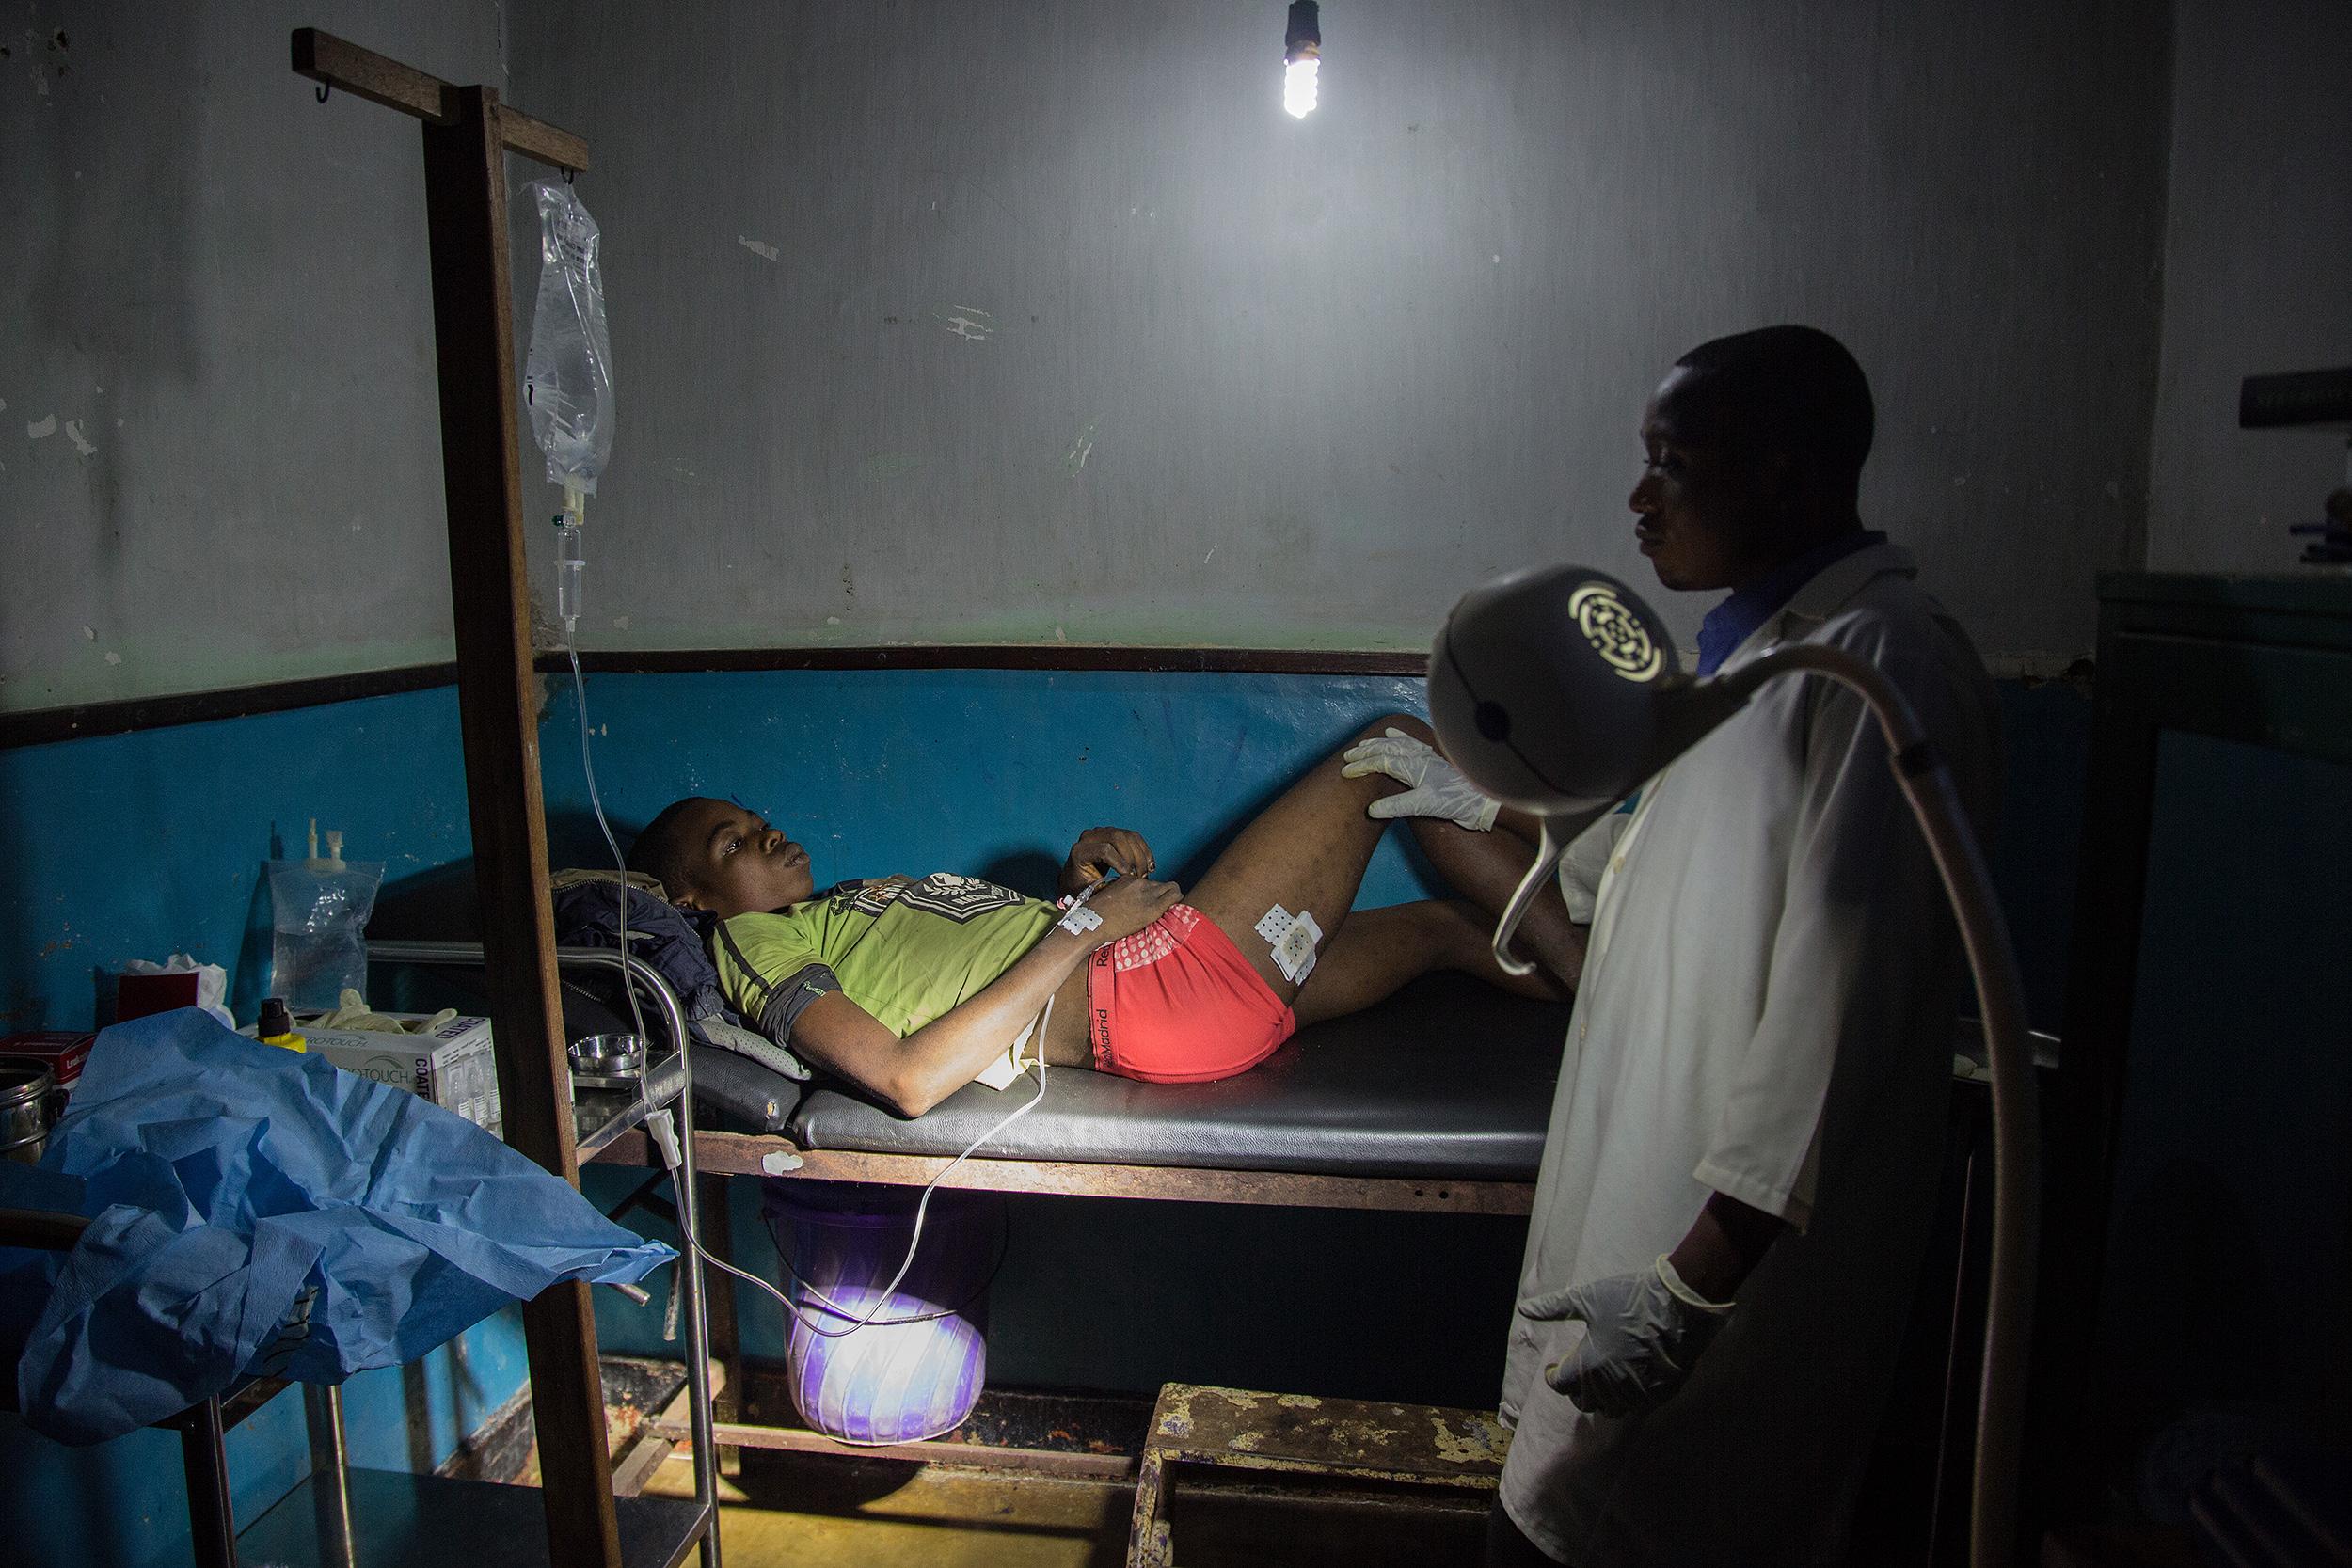 Un joven yace en una cama del hospital de Lulingu, bajo la supervisión de un médico. Luce un vendaje en una de sus piernas.